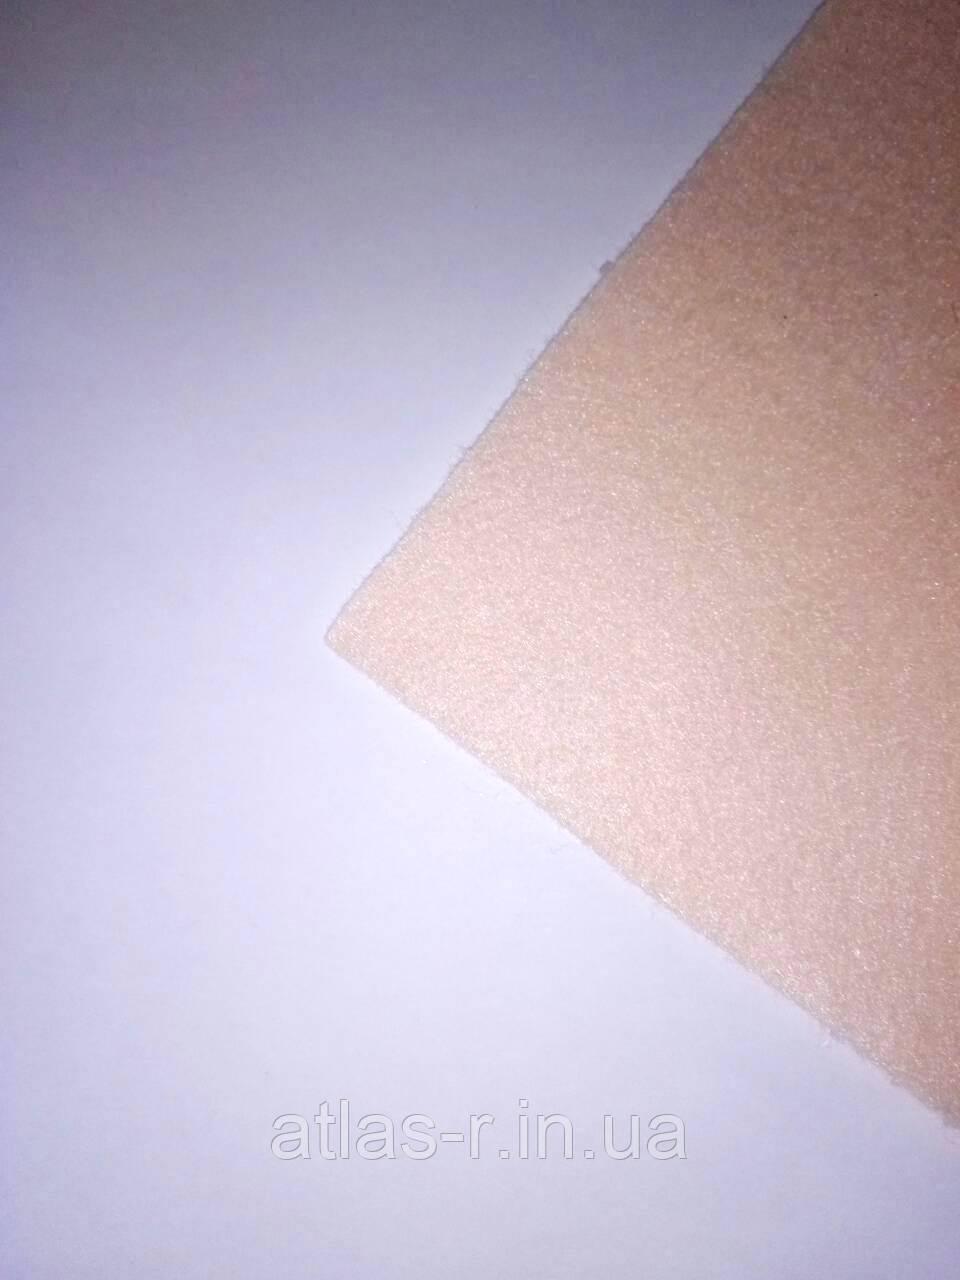 Мягкий фетр для рукоделия светло-персиковый листовой 1,3 мм